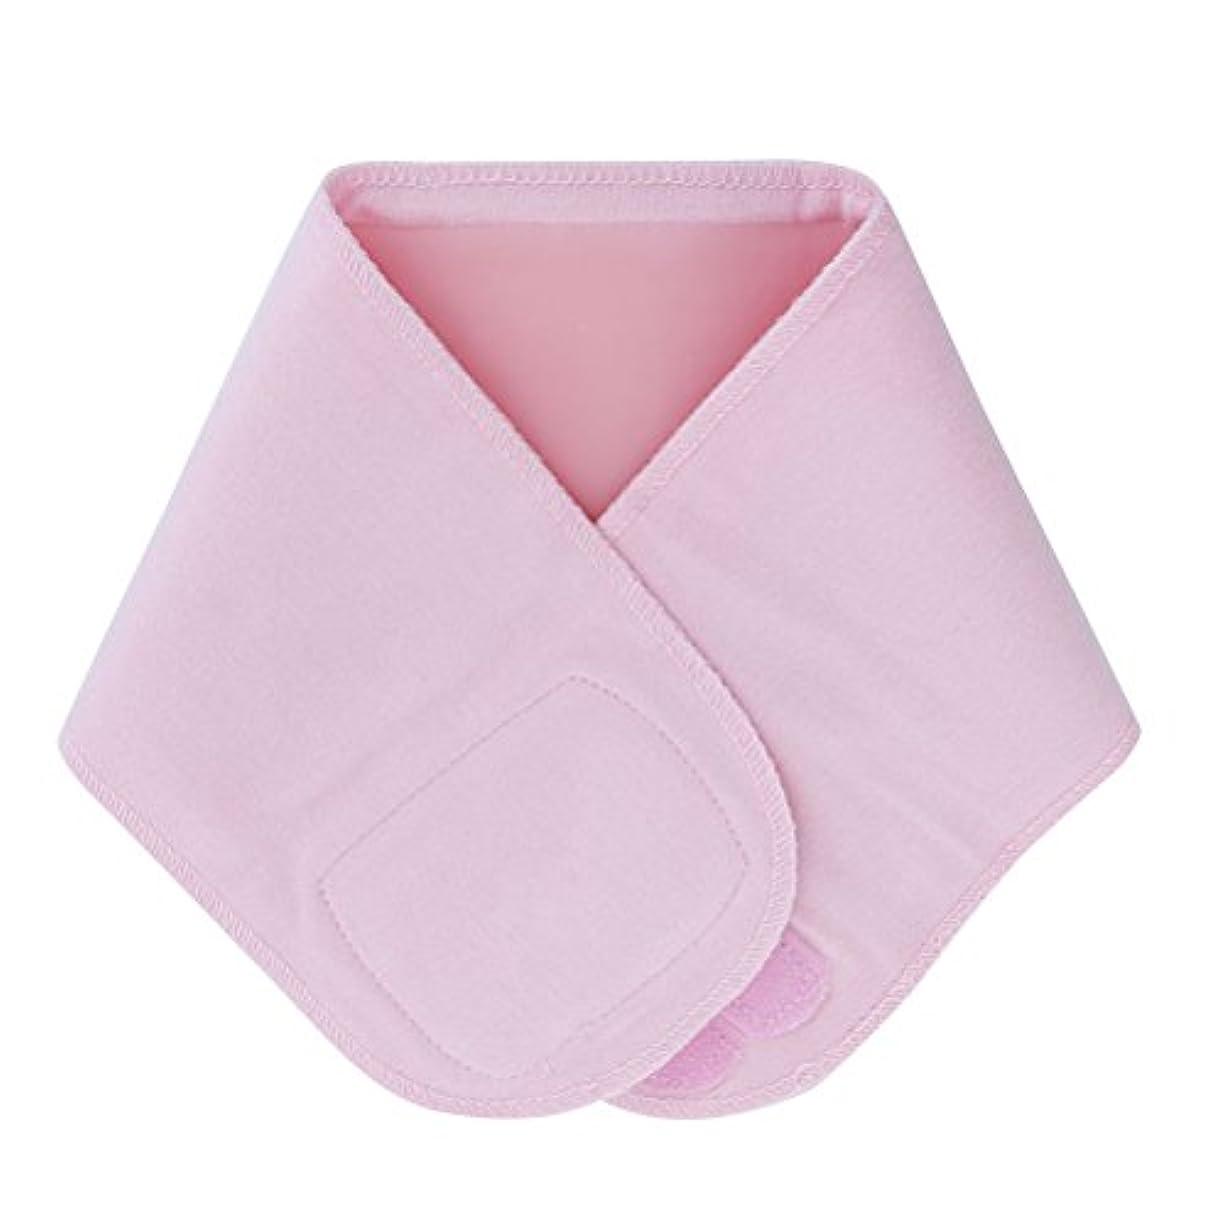 へこみ苦しみクリケットLurrose ジェルネックラップ伸縮性保湿スムースホワイトニングネックスキンアンチリンクルカラー(ピンク)